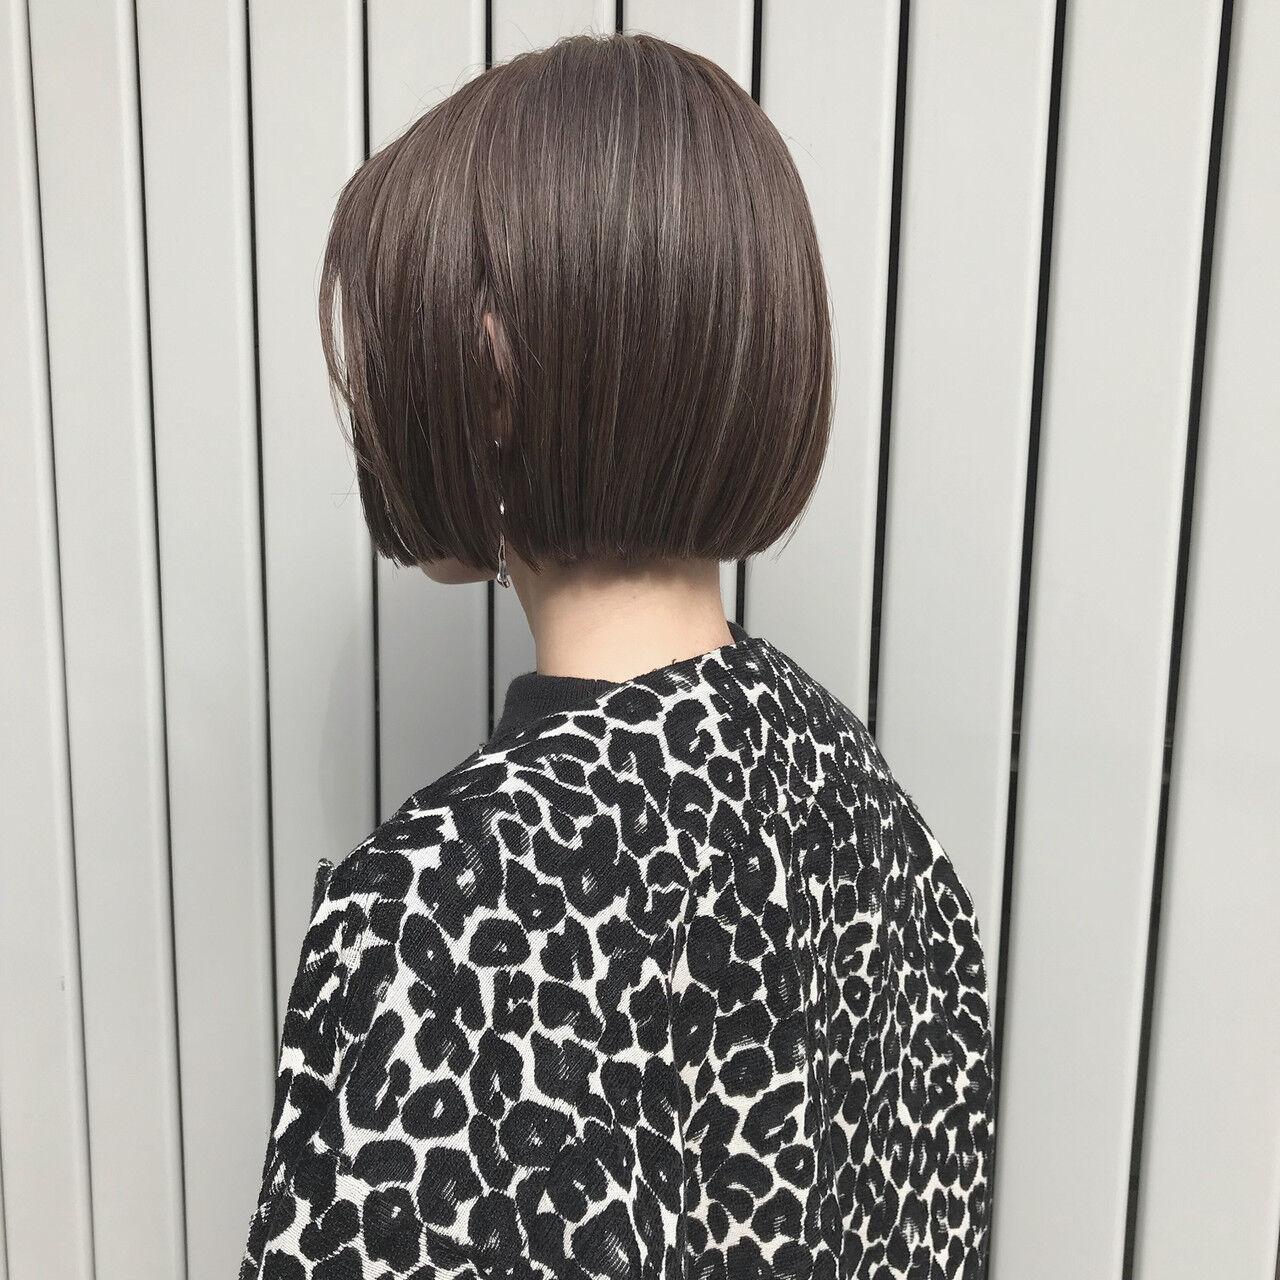 ナチュラル ボブ モテ髪 ボブヘアーヘアスタイルや髪型の写真・画像